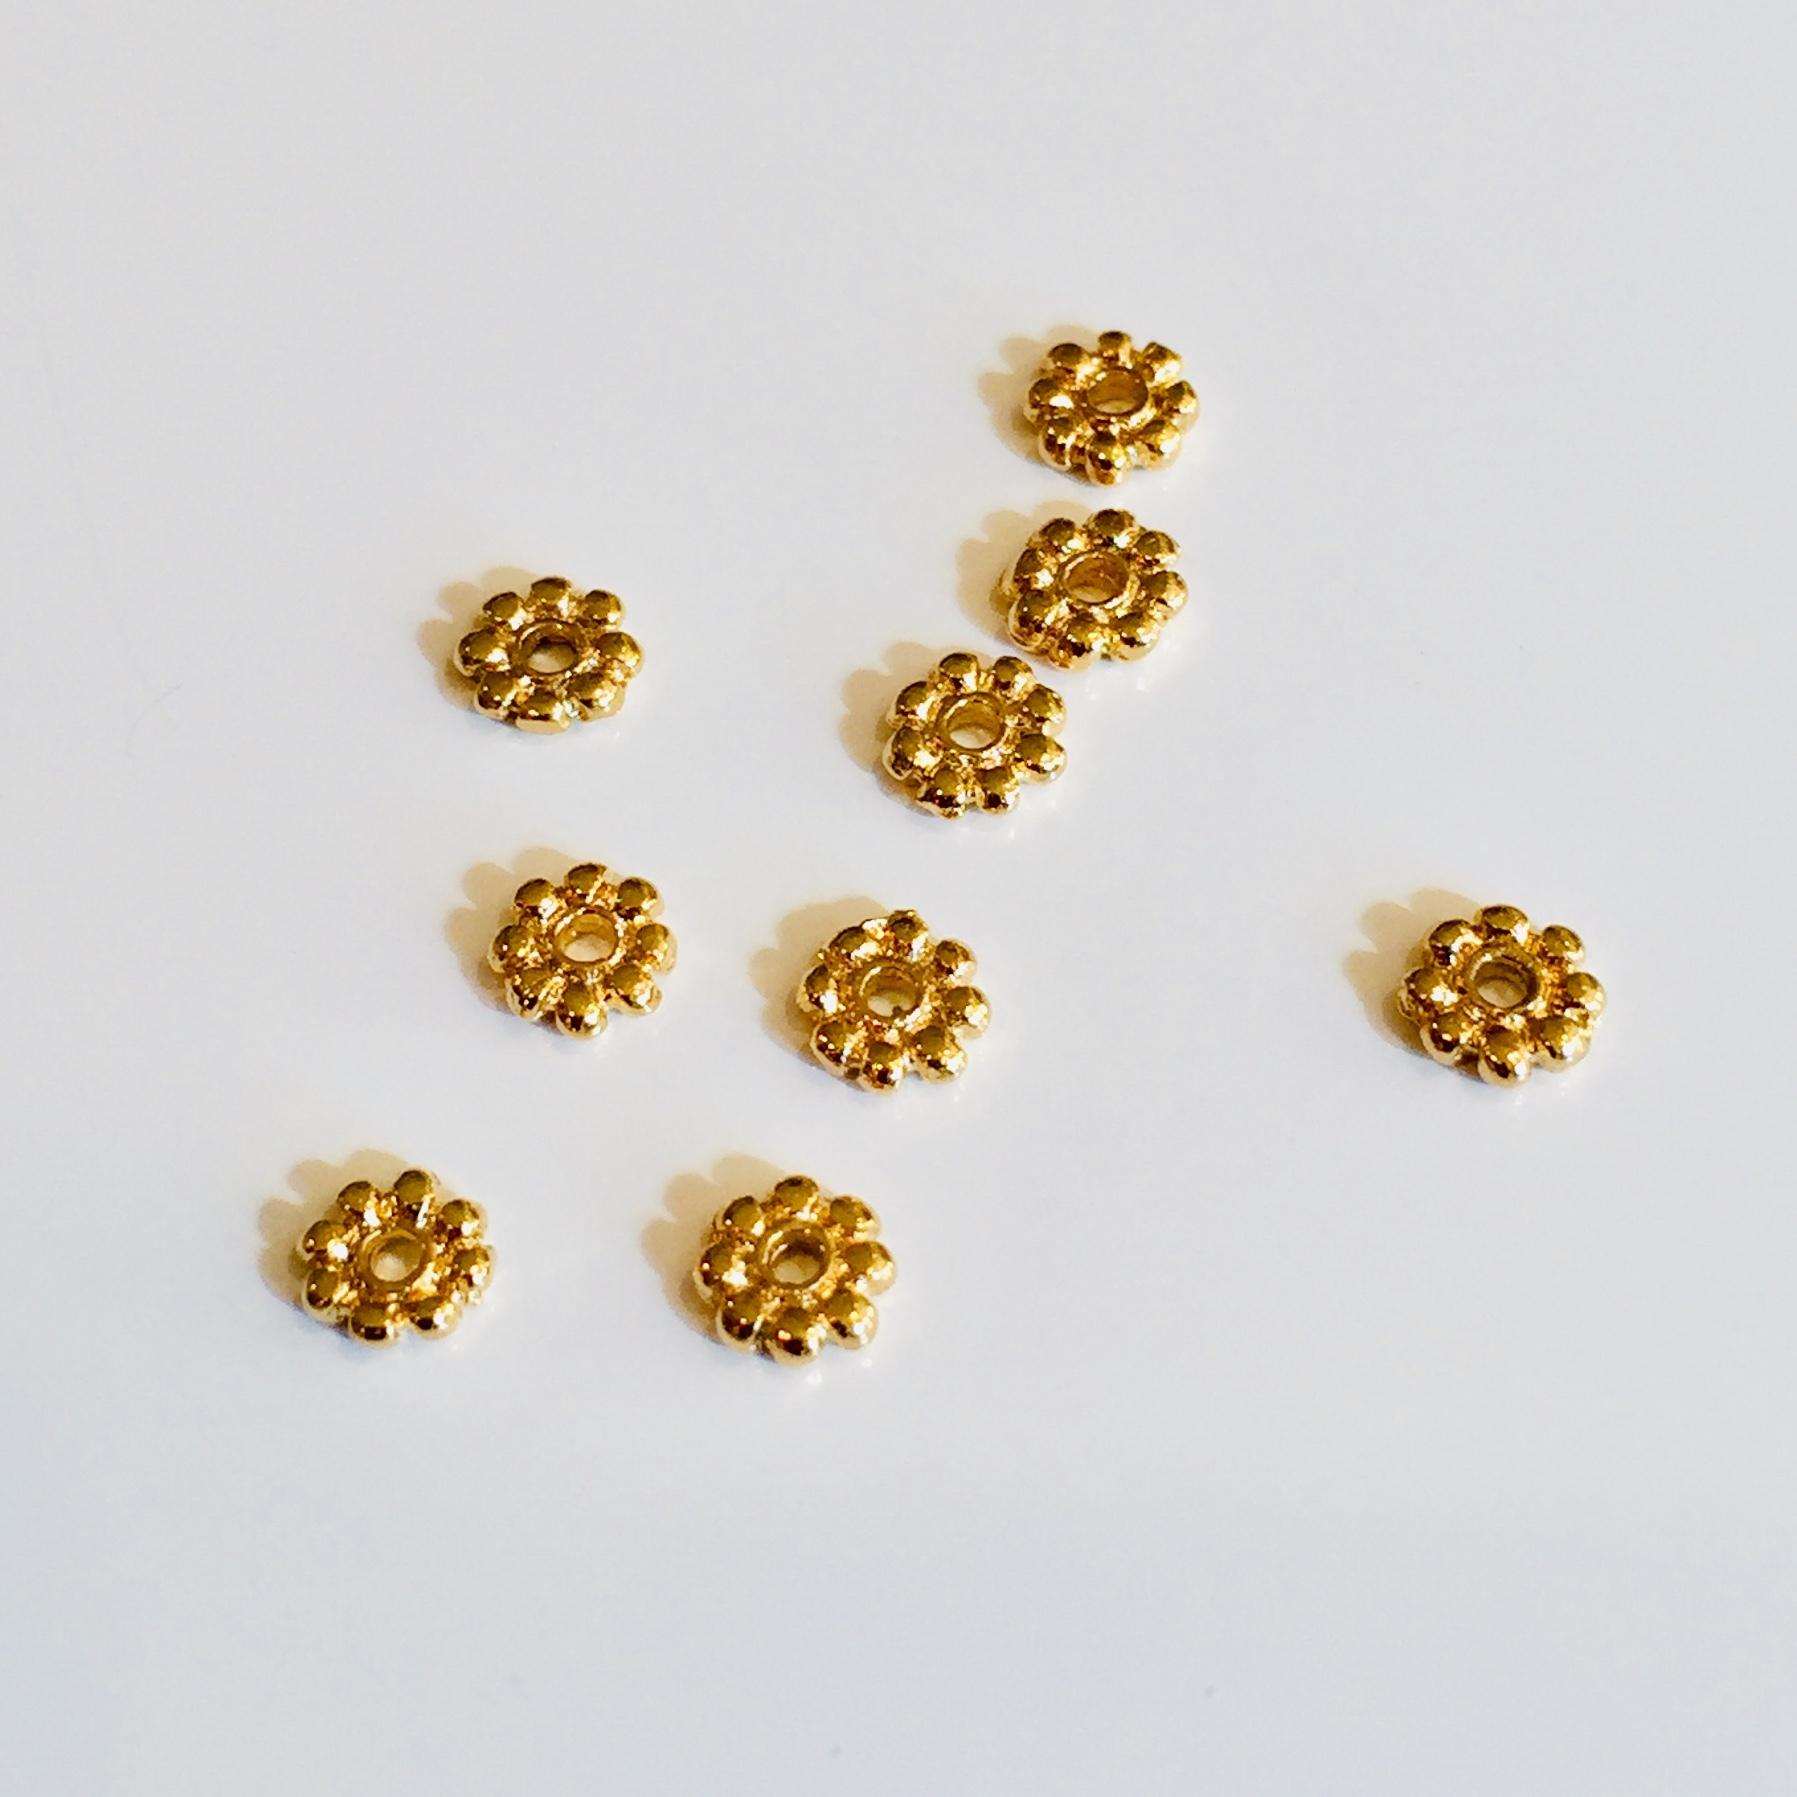 花型ビーズ ゴールド 約3mm 9個セット